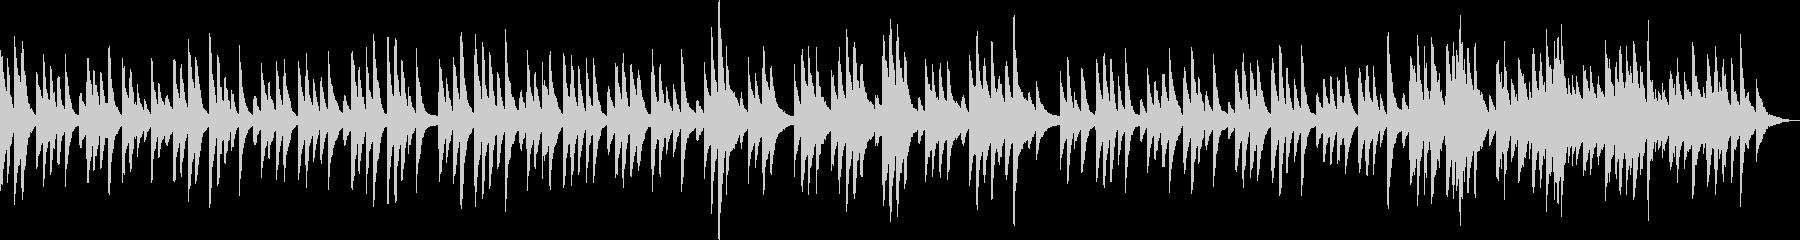 優しくて感動的なピアノBGM(独奏)の未再生の波形